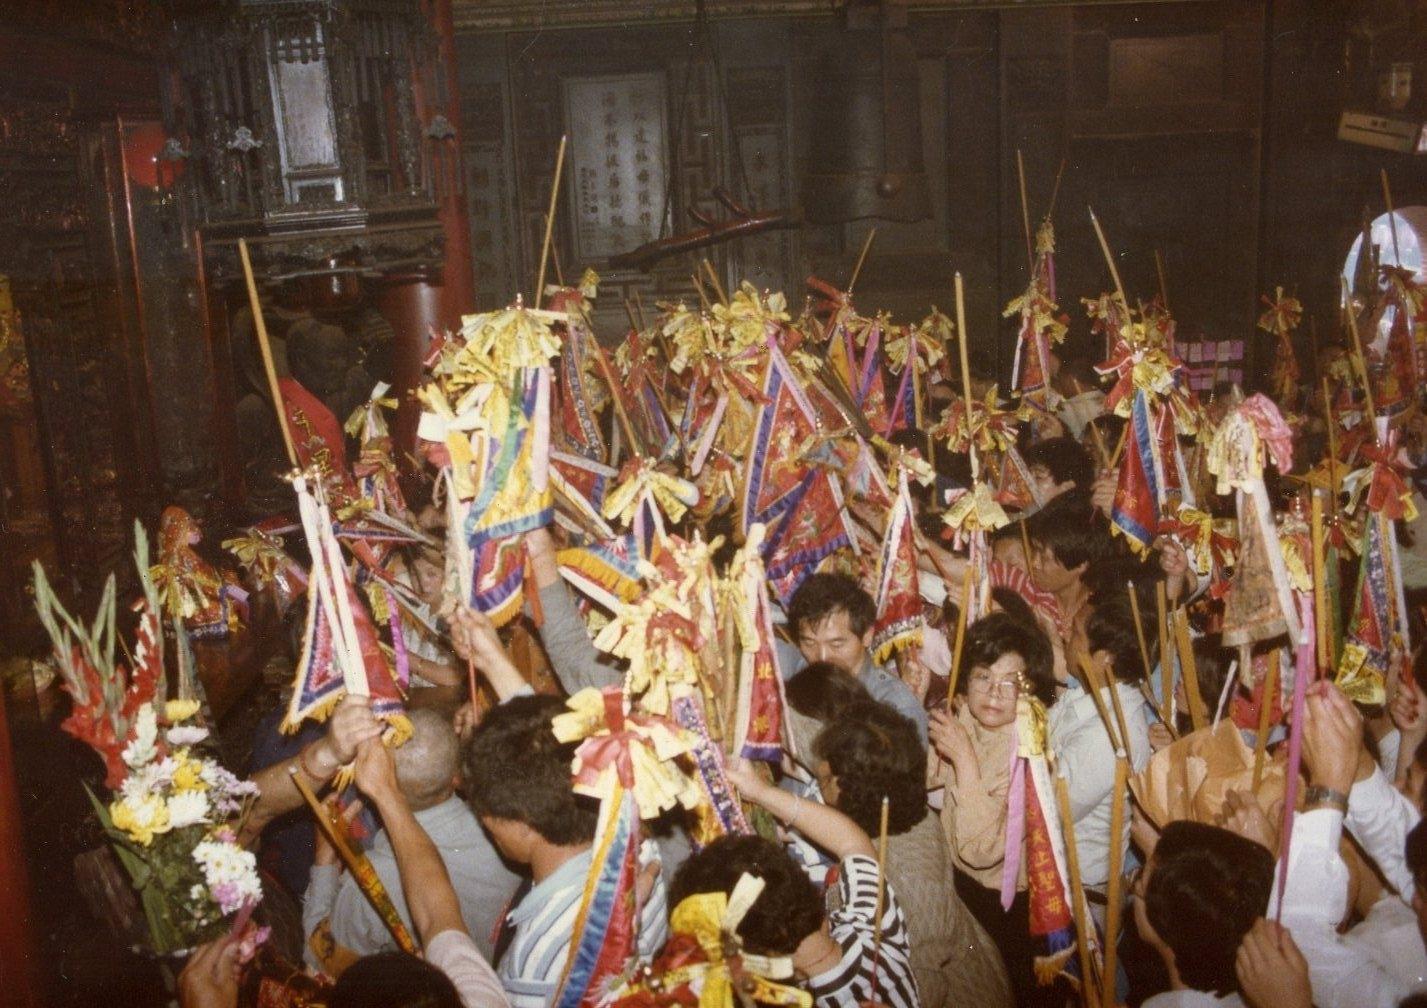 香客手持進香旗進入大殿,大殿內即將進行「謁祖割火」儀式。 圖片來源│張珣